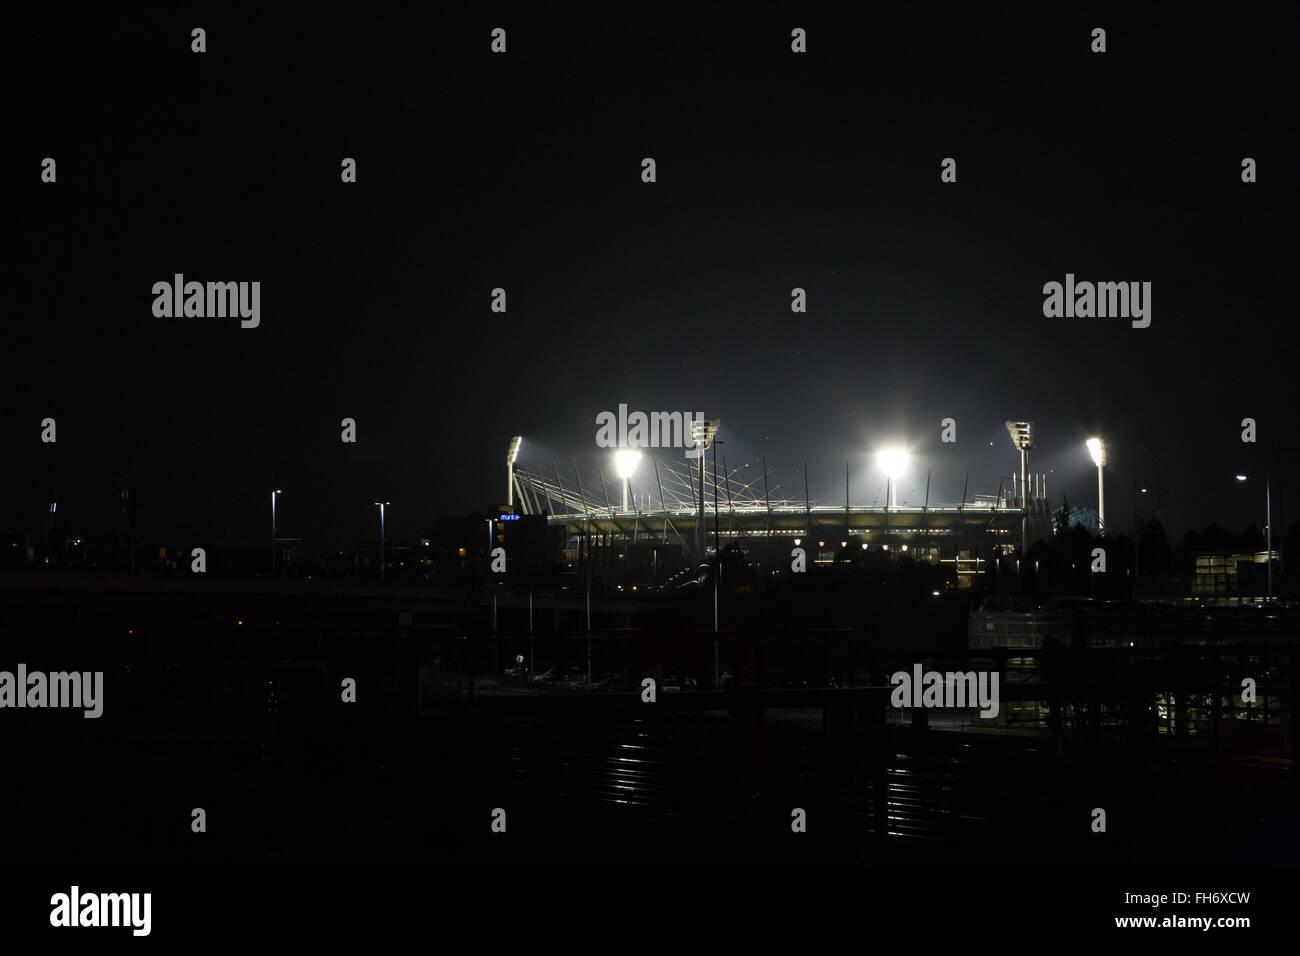 Melbourne, Australia - Abril 24, 2015: el Melbourne Cricket Ground, por la noche, iluminado por una coincidencia. Imagen De Stock